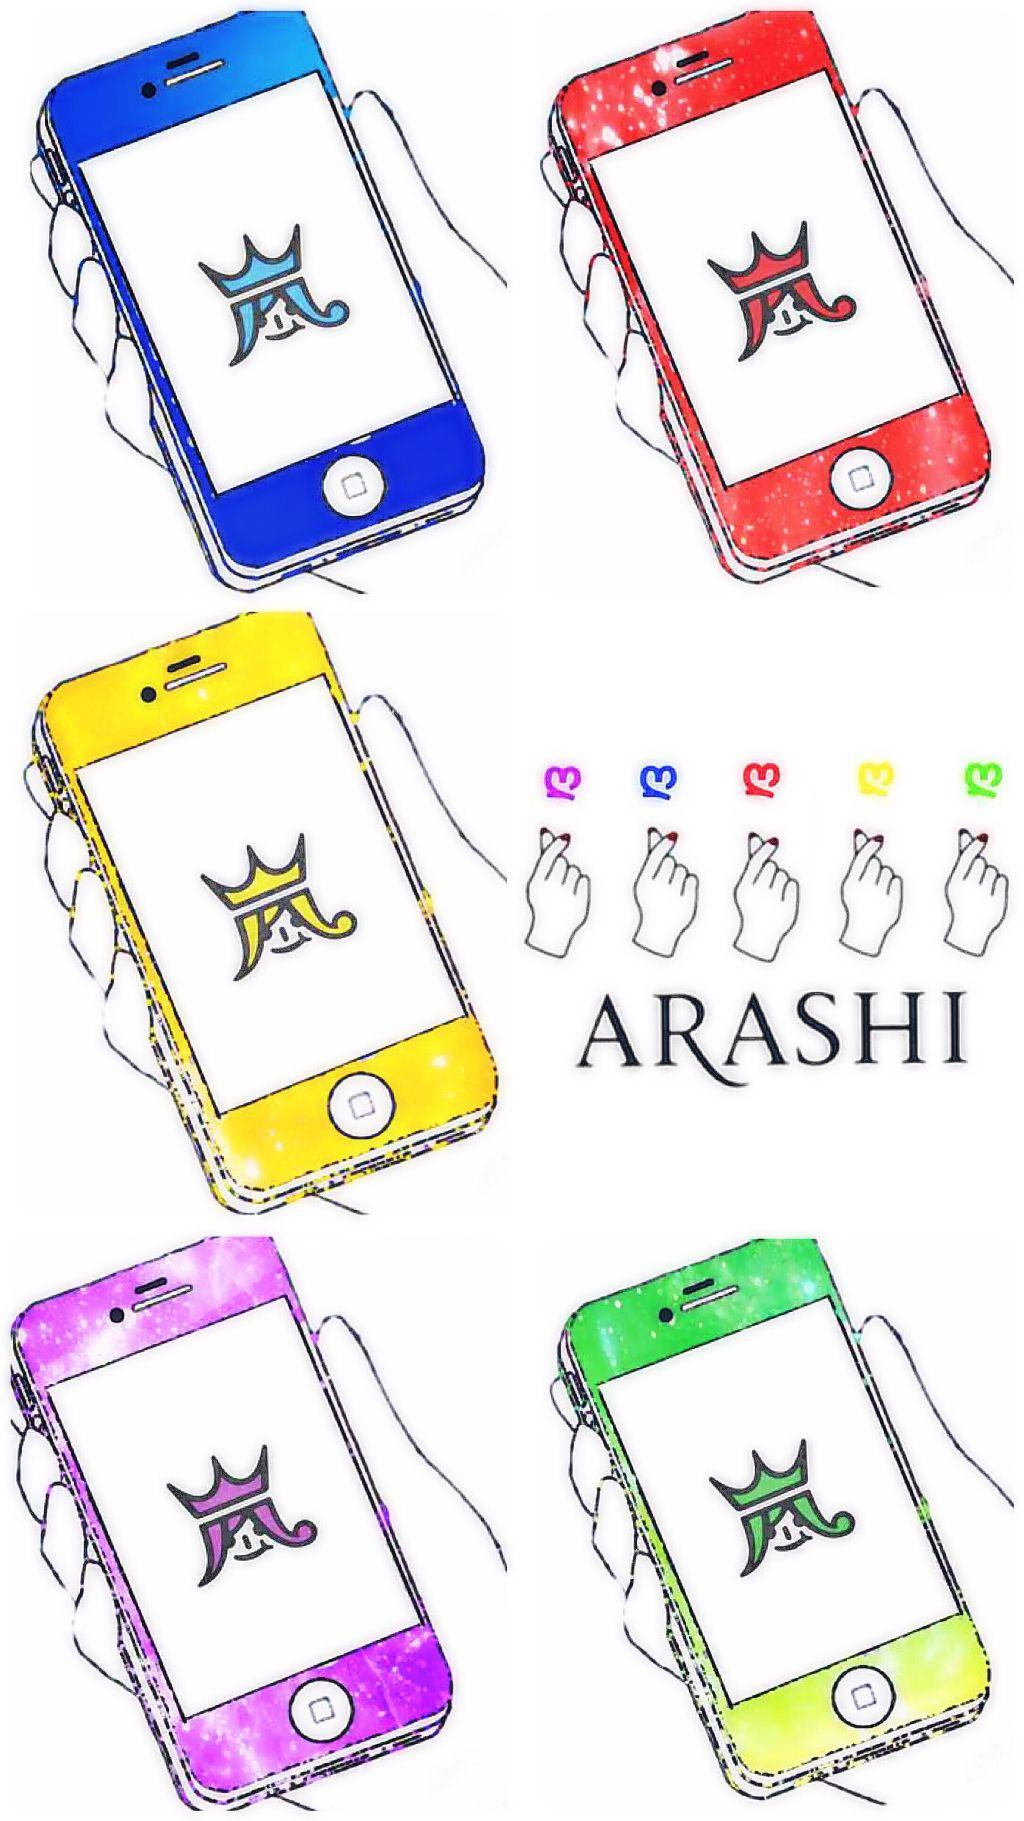 嵐 壁紙配布 画像加工 携帯型 スマホロゴ 大野智 櫻井翔 相葉雅紀 二宮